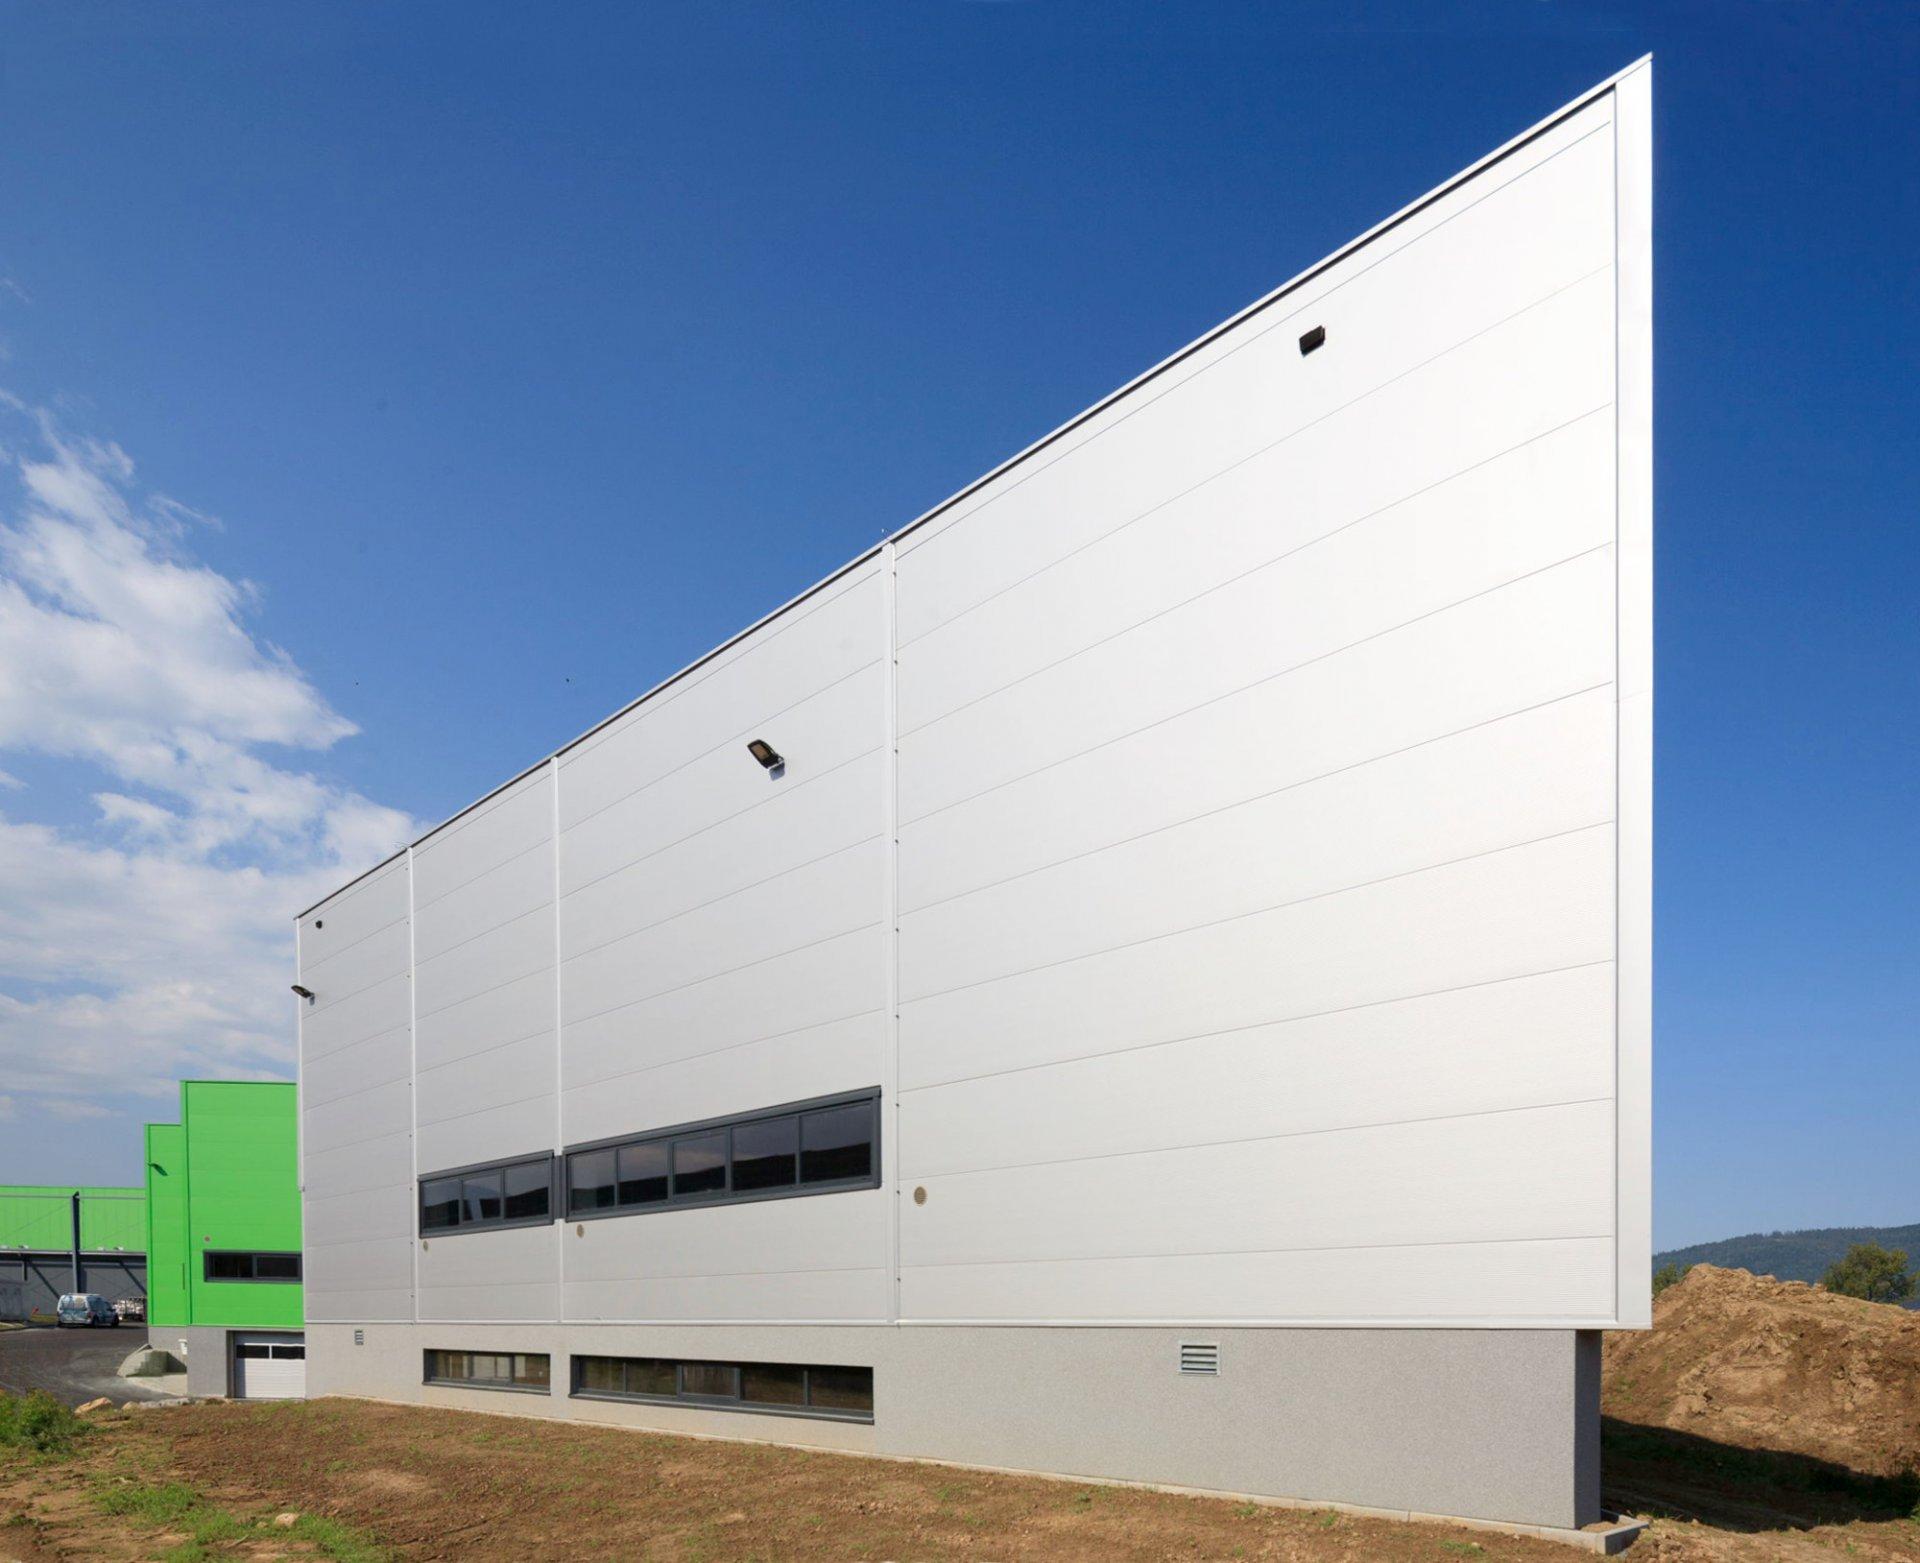 Obiekt firmy Prosperplast 6 w Rybarzowicach